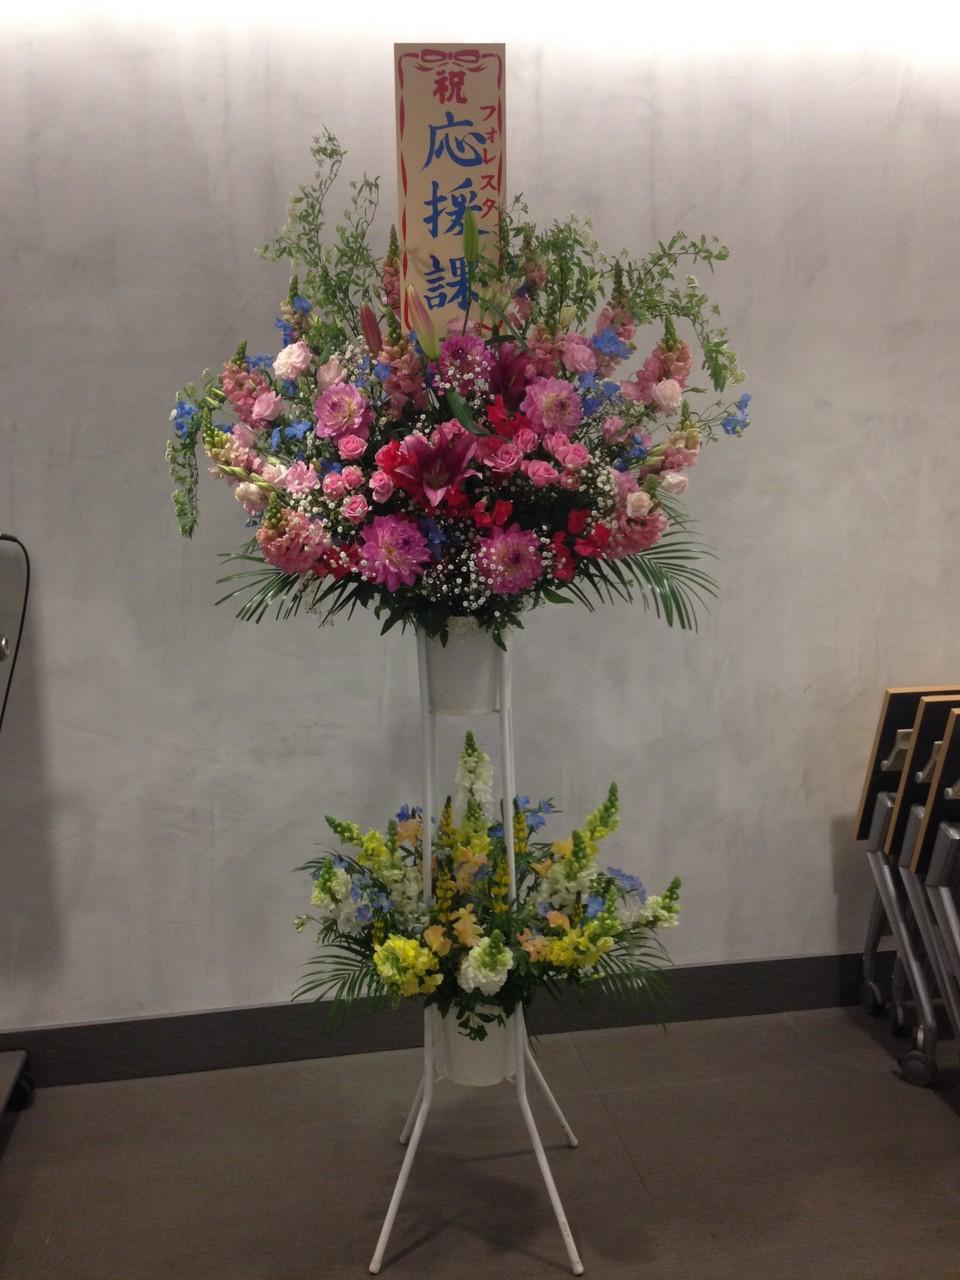 素敵なお花!ありがとうございました!応援課?いつの間に?知らなかった(^^;)